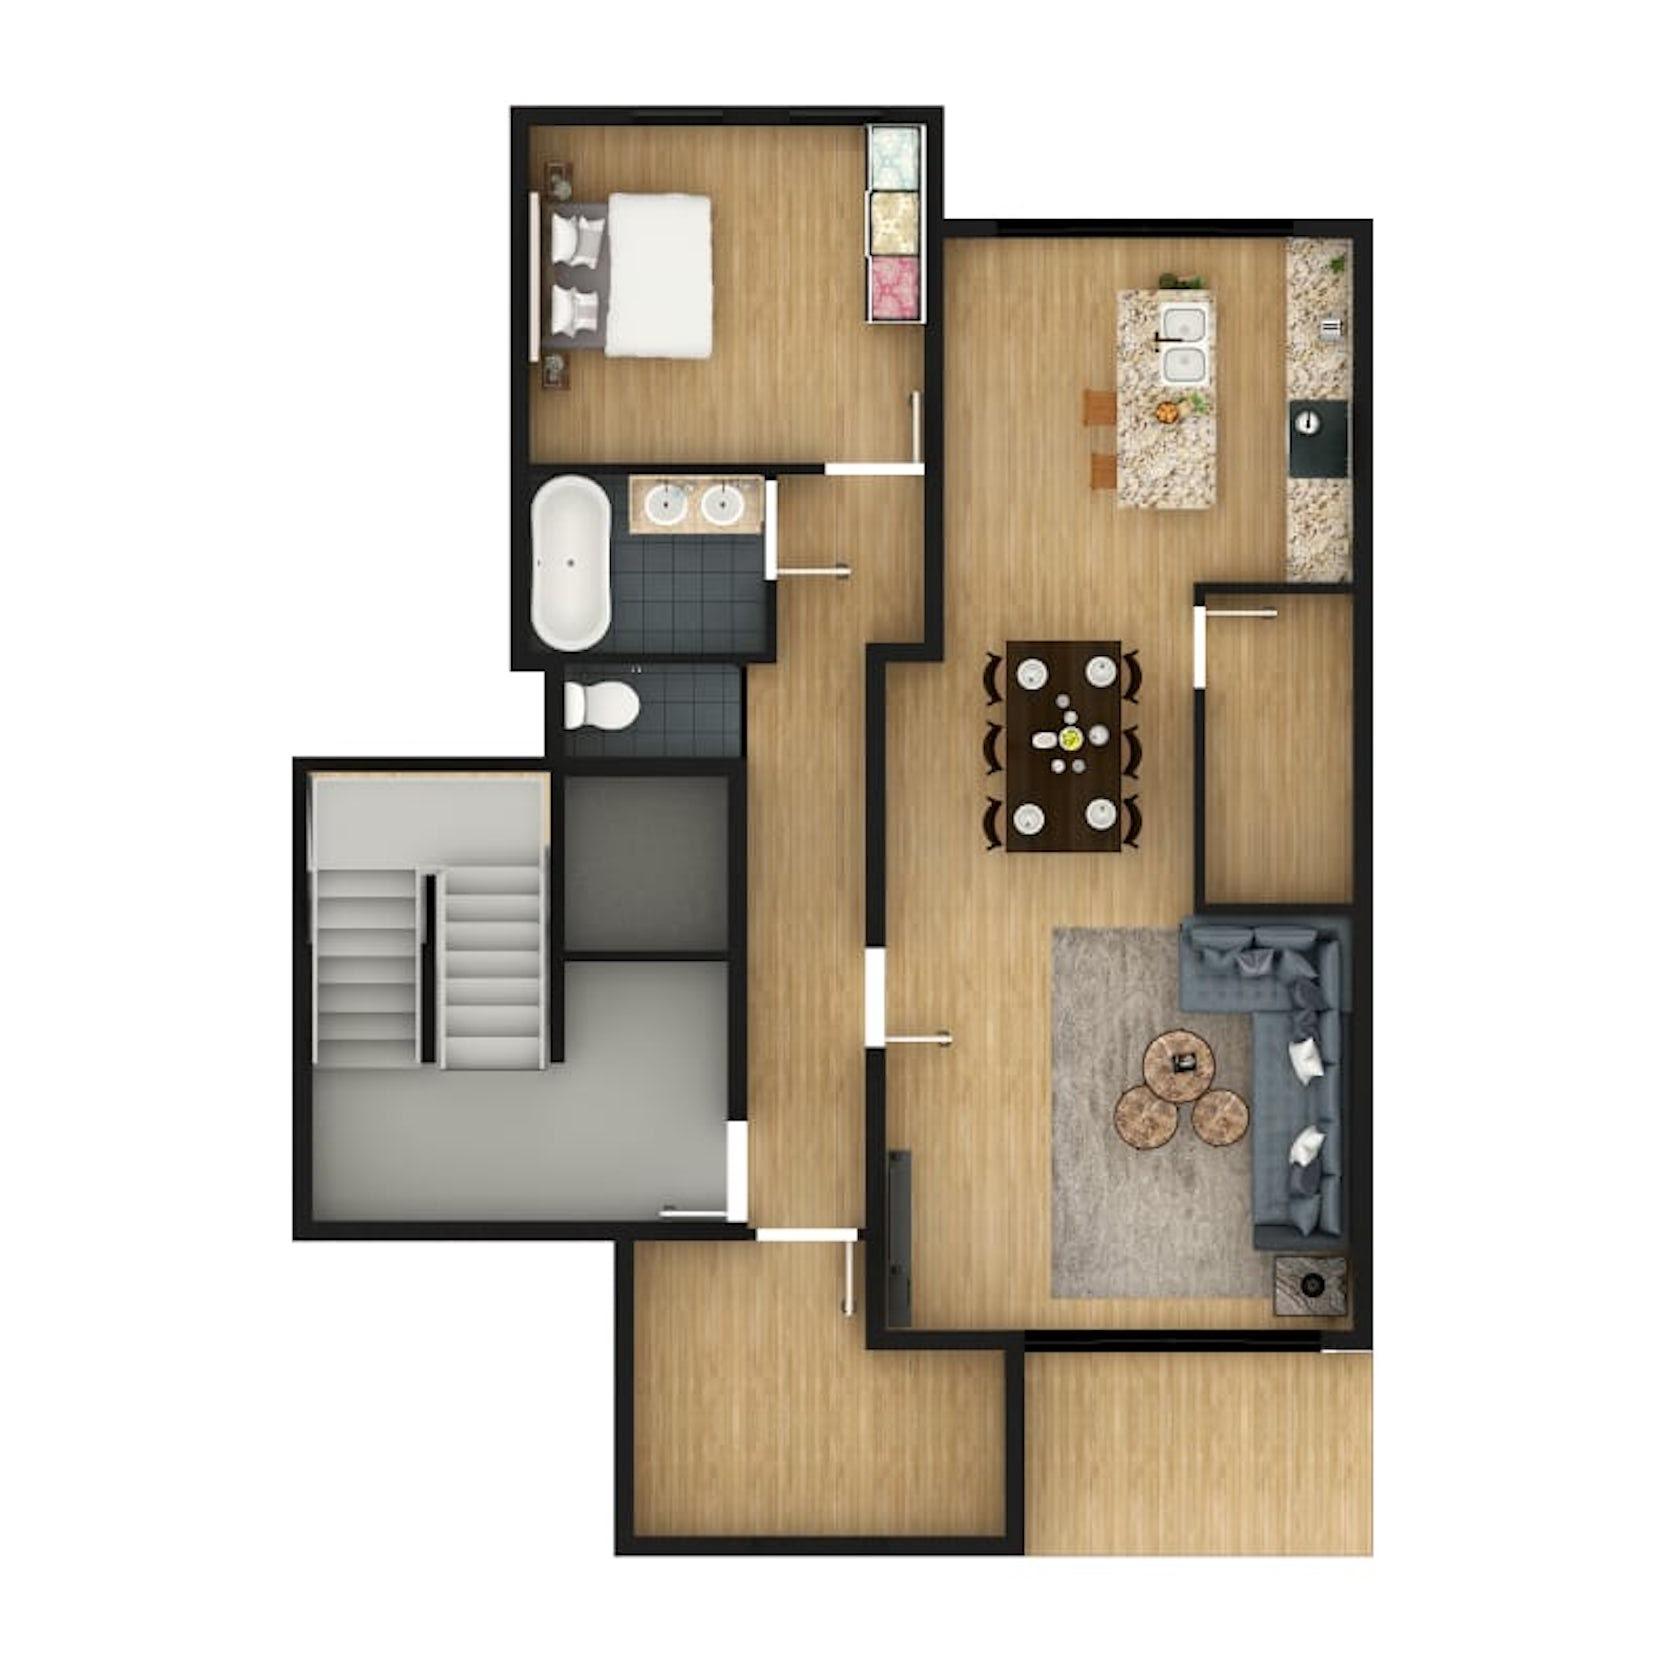 2D Floor Plan Design Rendering using Photoshop with Custom ...